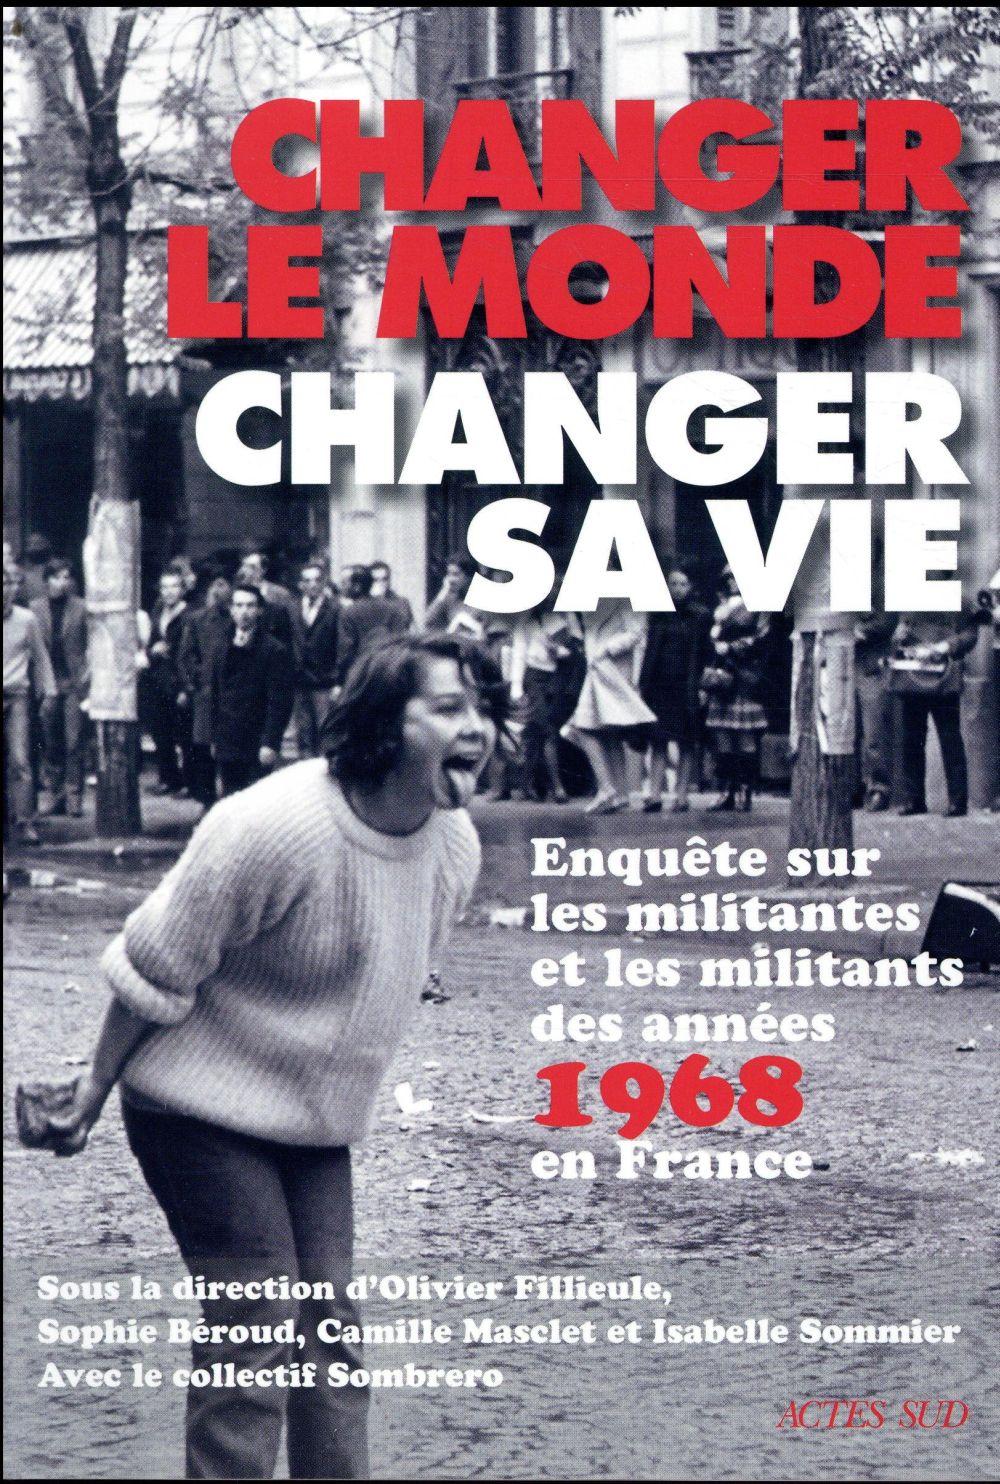 CHANGER LE MONDE, CHANGER SA VIE ENQUETE SUR LES MILITANTS ET LES MILITANTS 1968